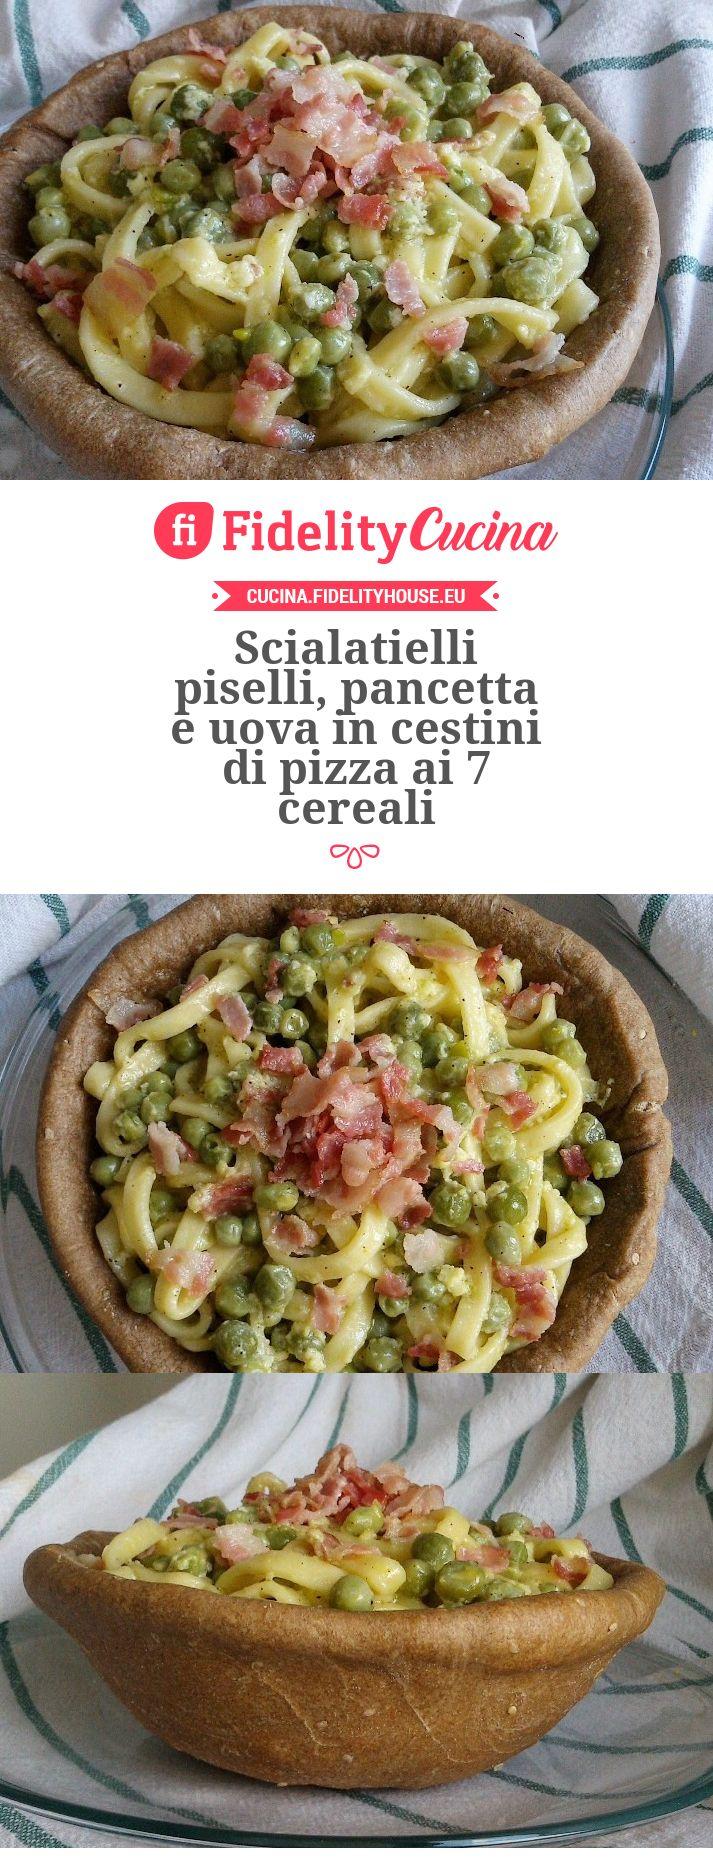 Scialatielli piselli, pancetta e uova in cestini di pizza ai 7 cereali